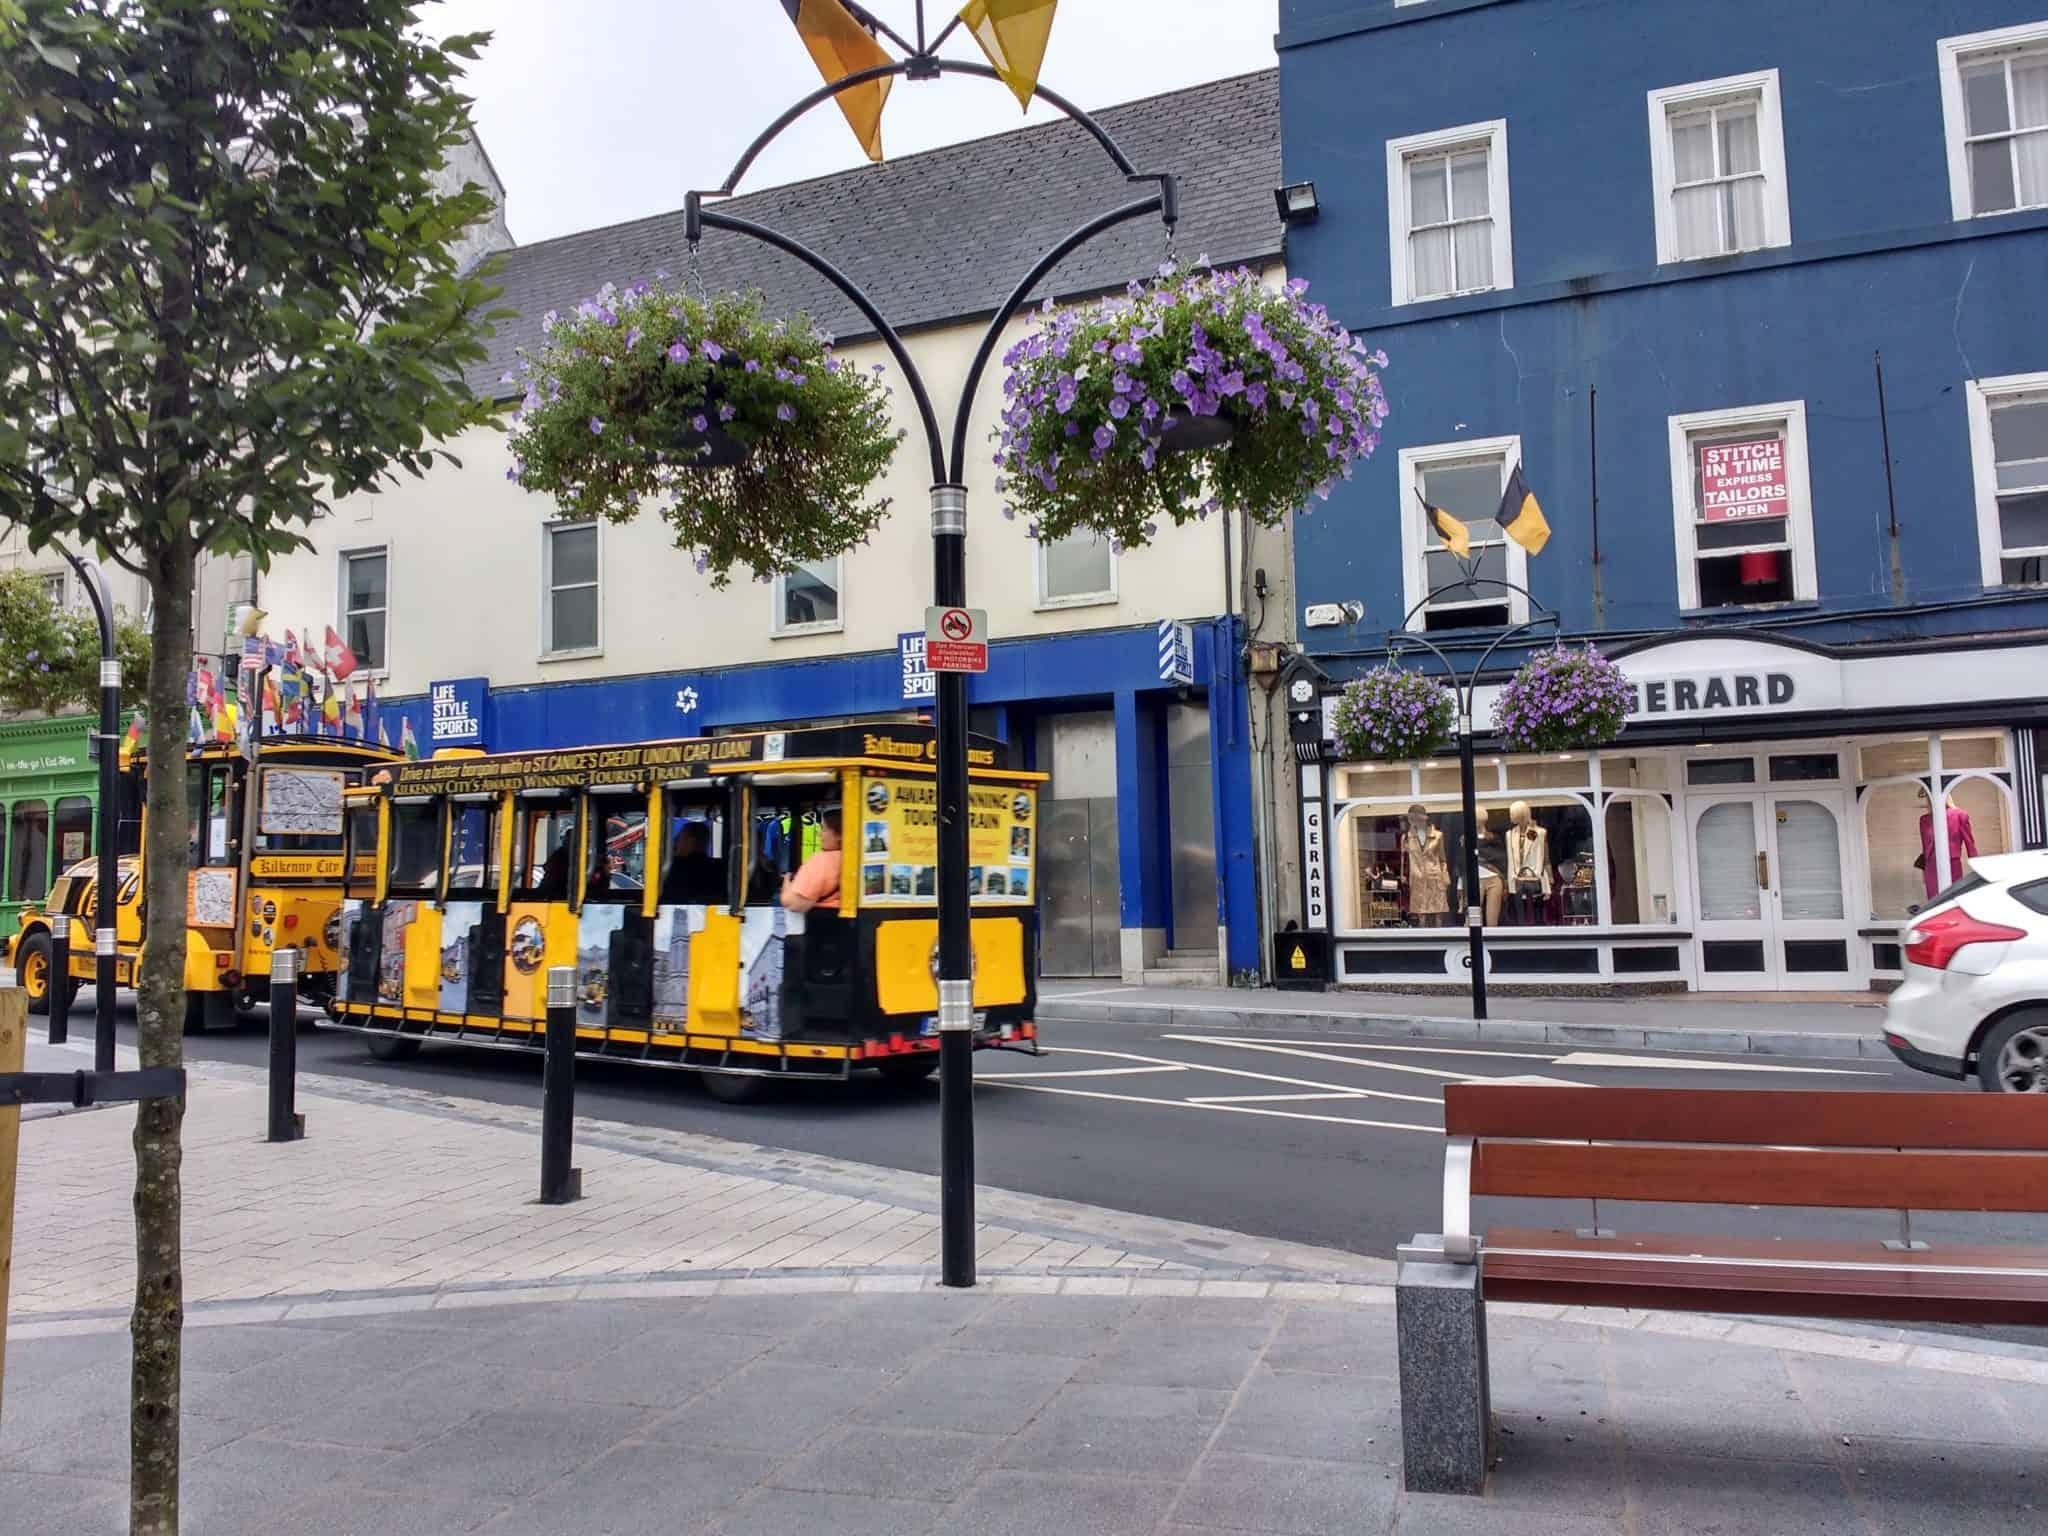 Kilkenny's little tram